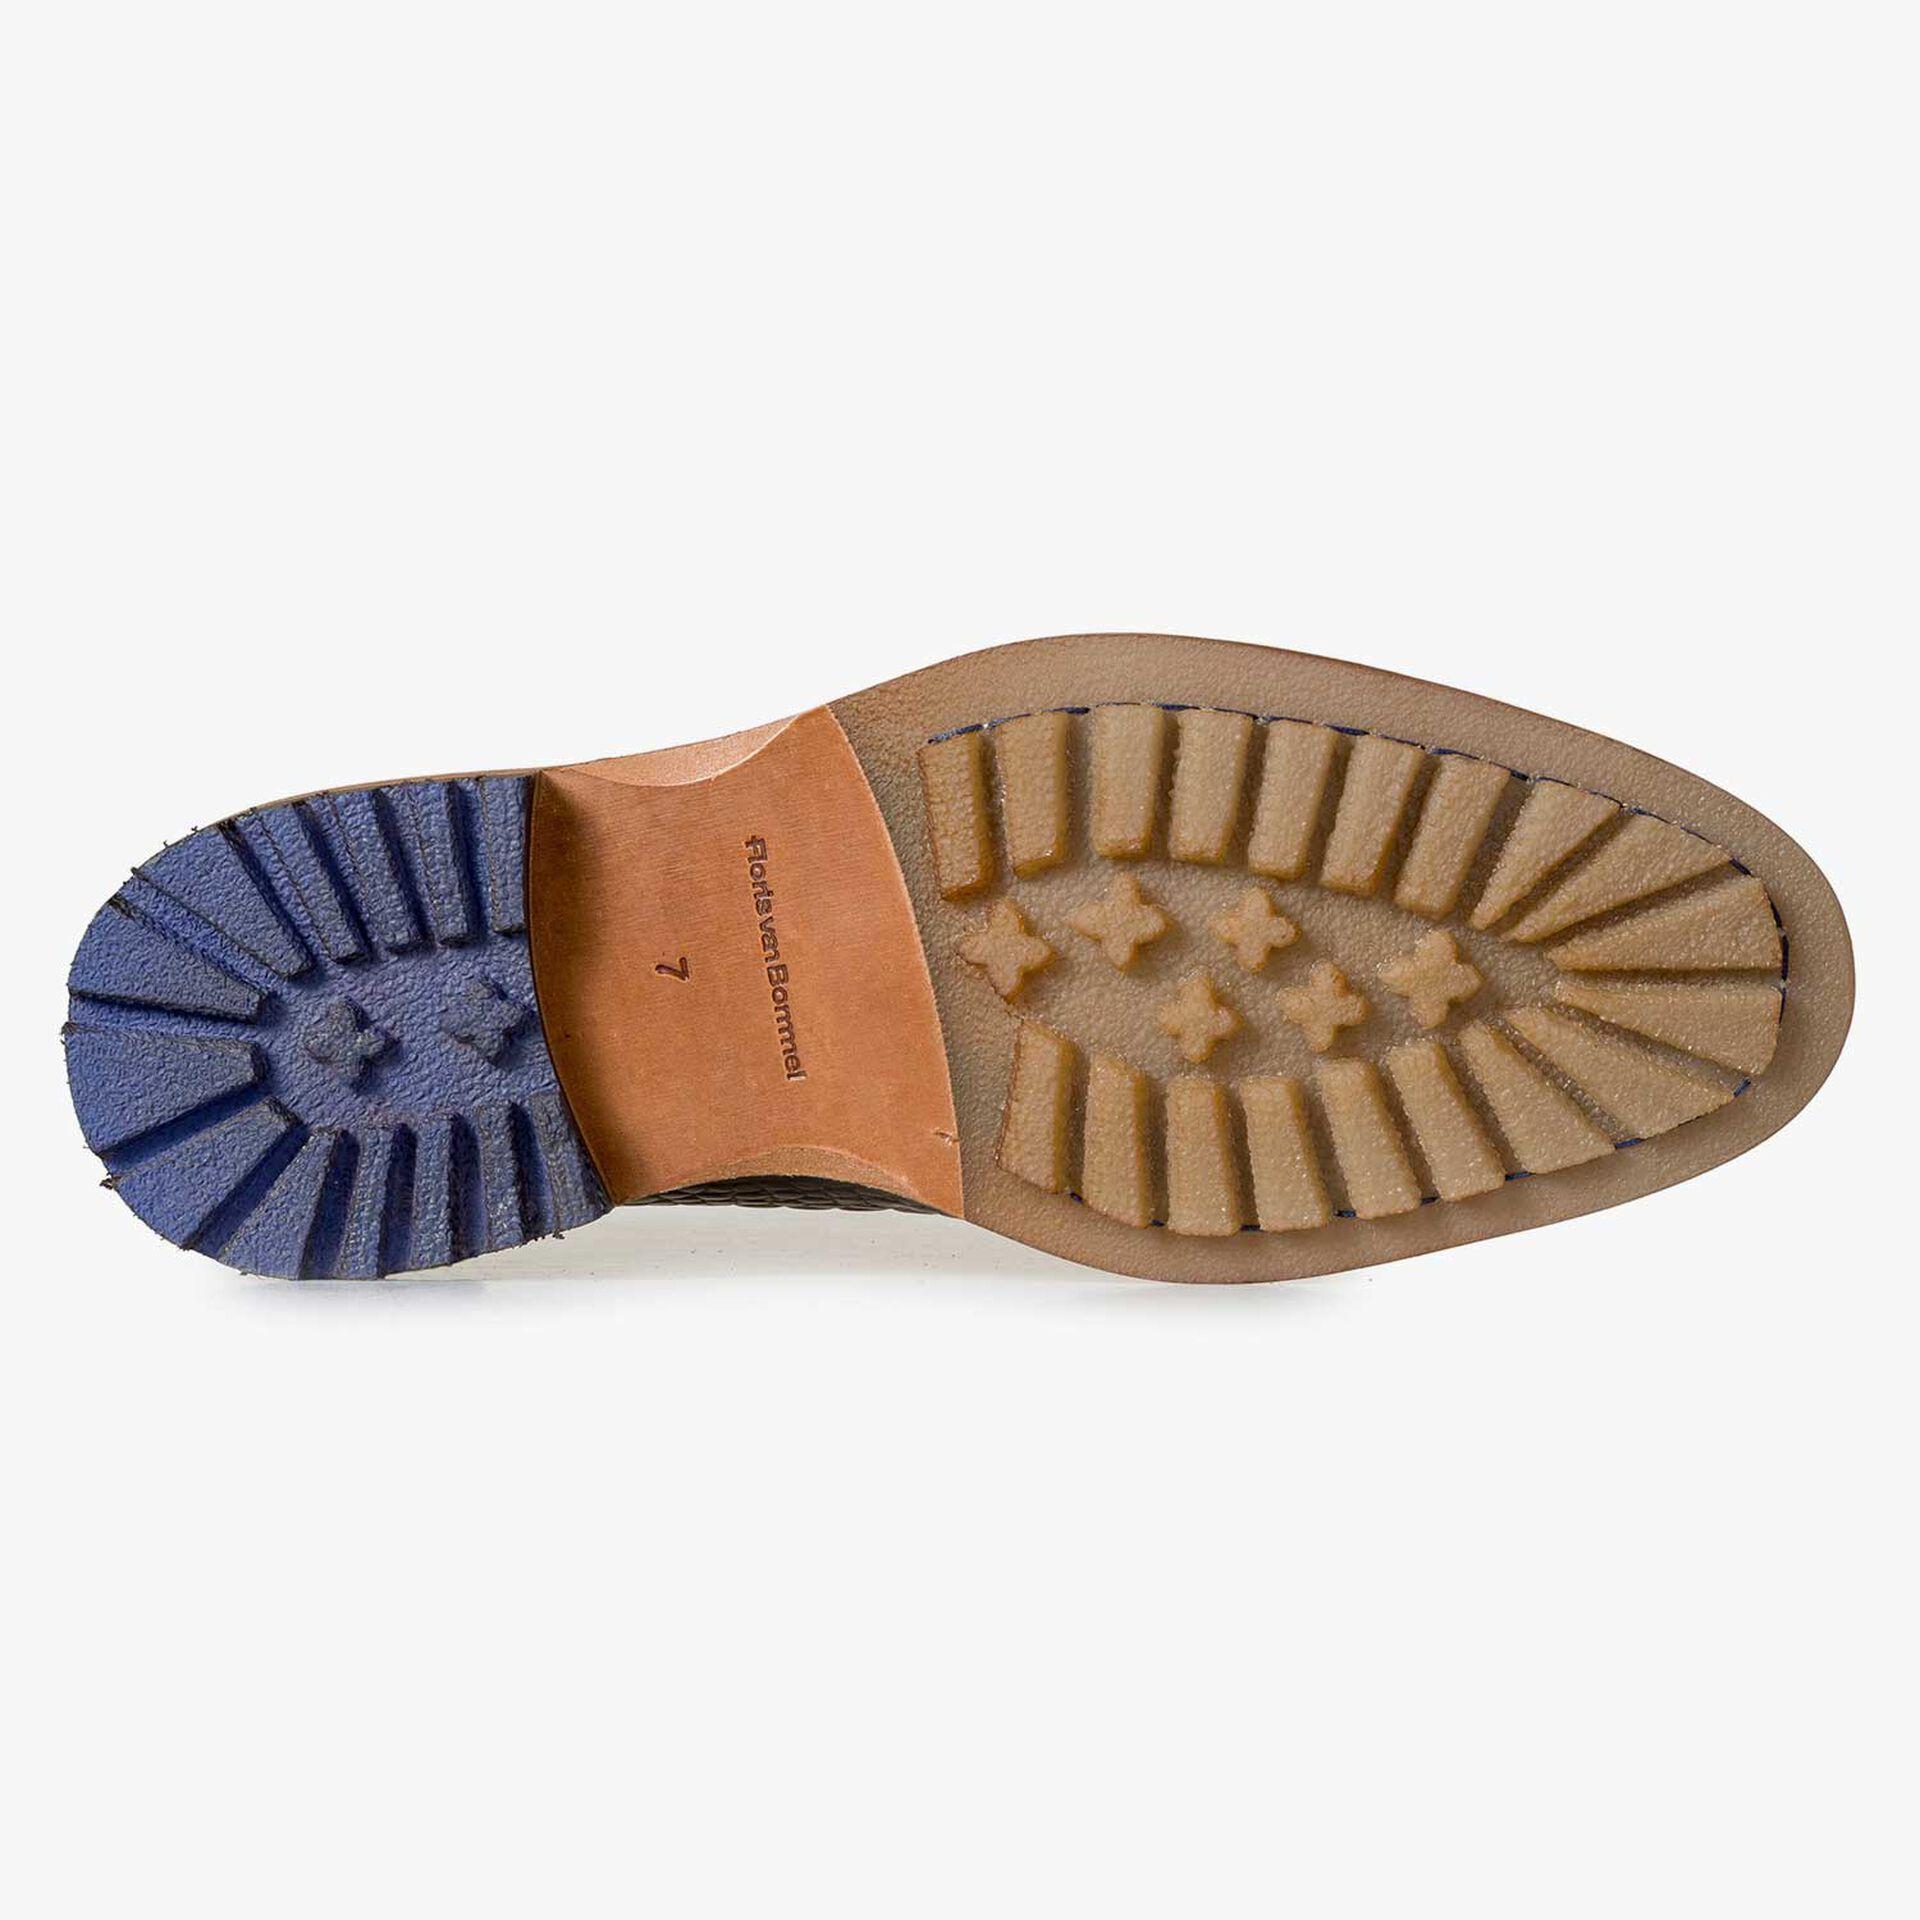 Halbhoher brauner Leder-Schnürstiefel mit Krokoprint